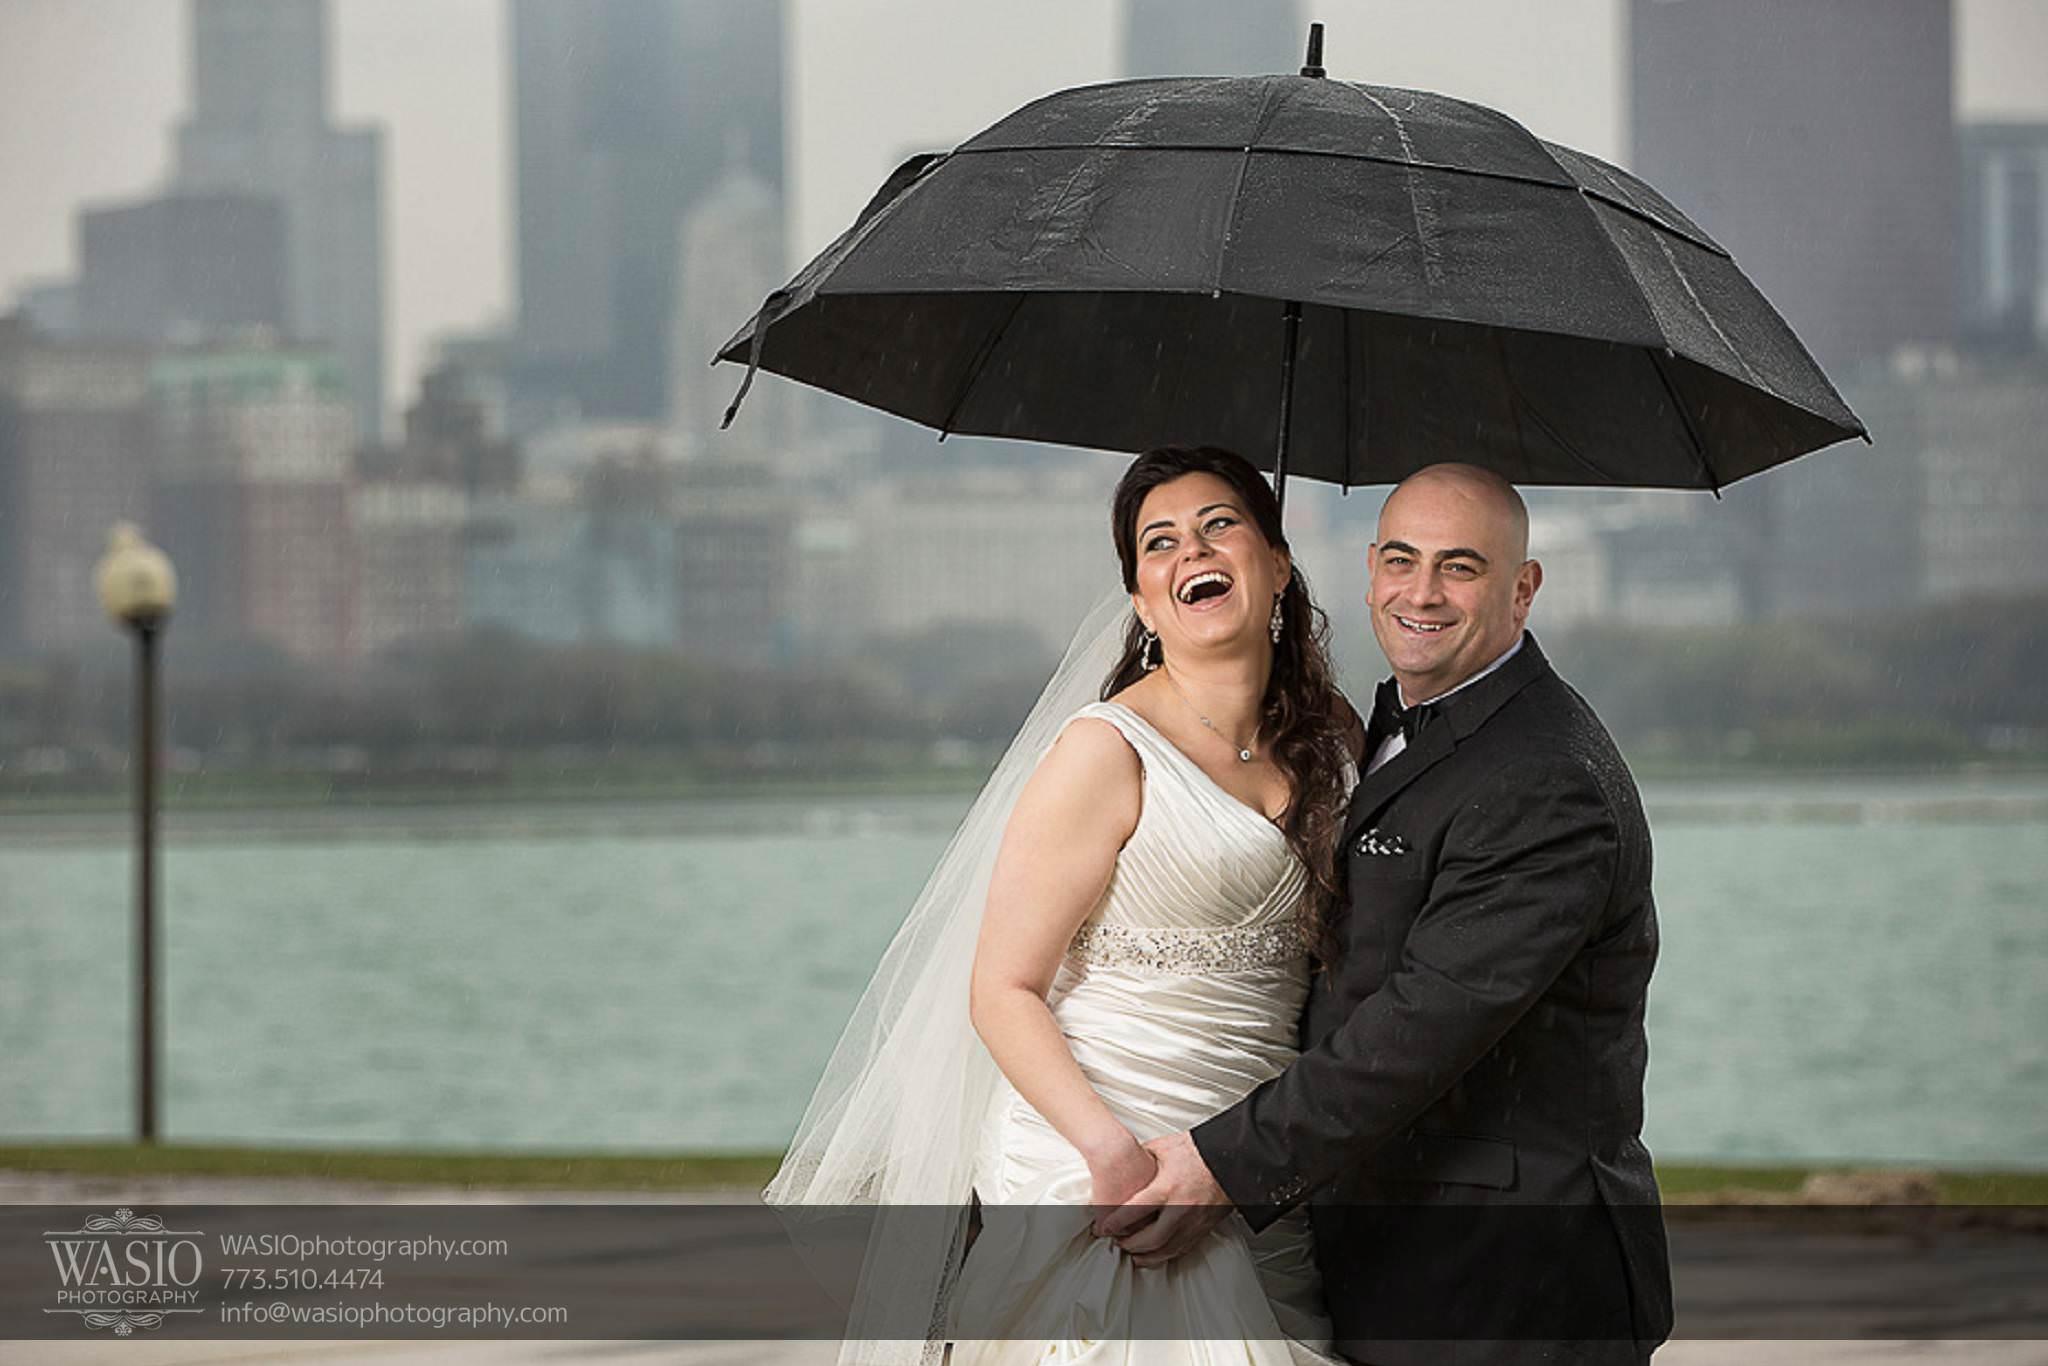 Chicago-wedding-photos-rain-umbrella-fun-skyline-happy-056 Chicago Wedding Photos - Svetlana + Yuriy